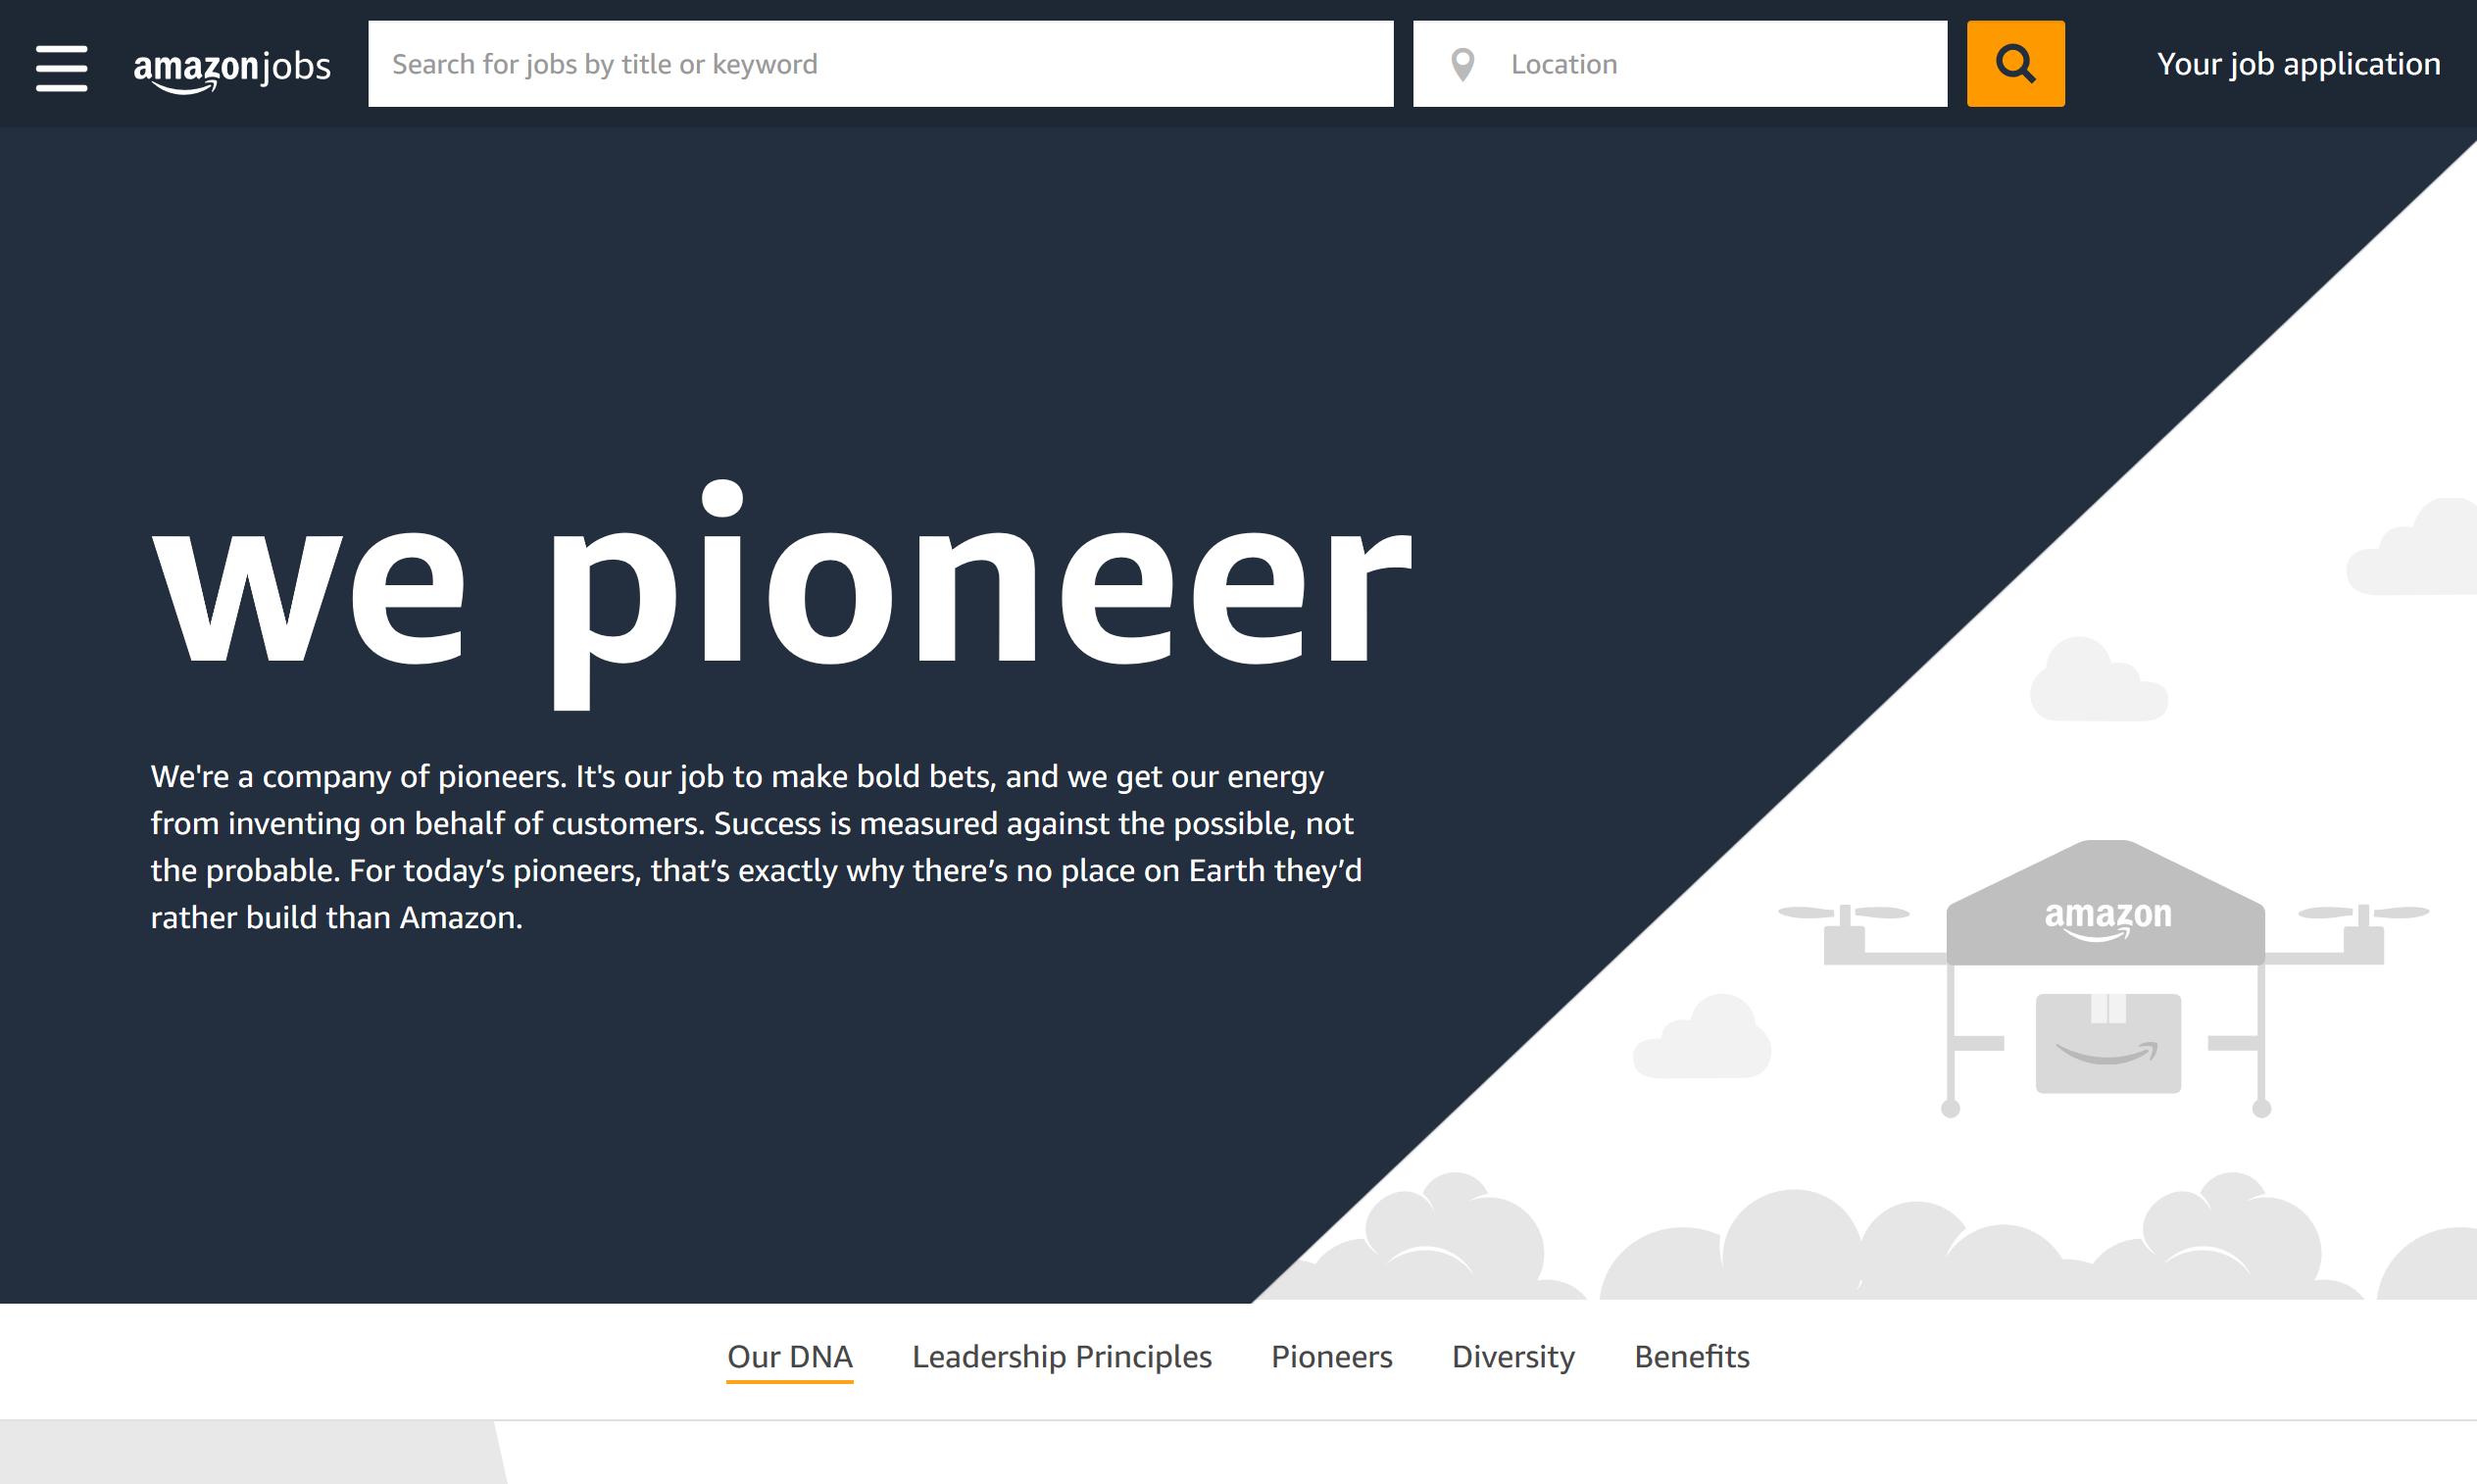 Amazon Employer Brand Campaign